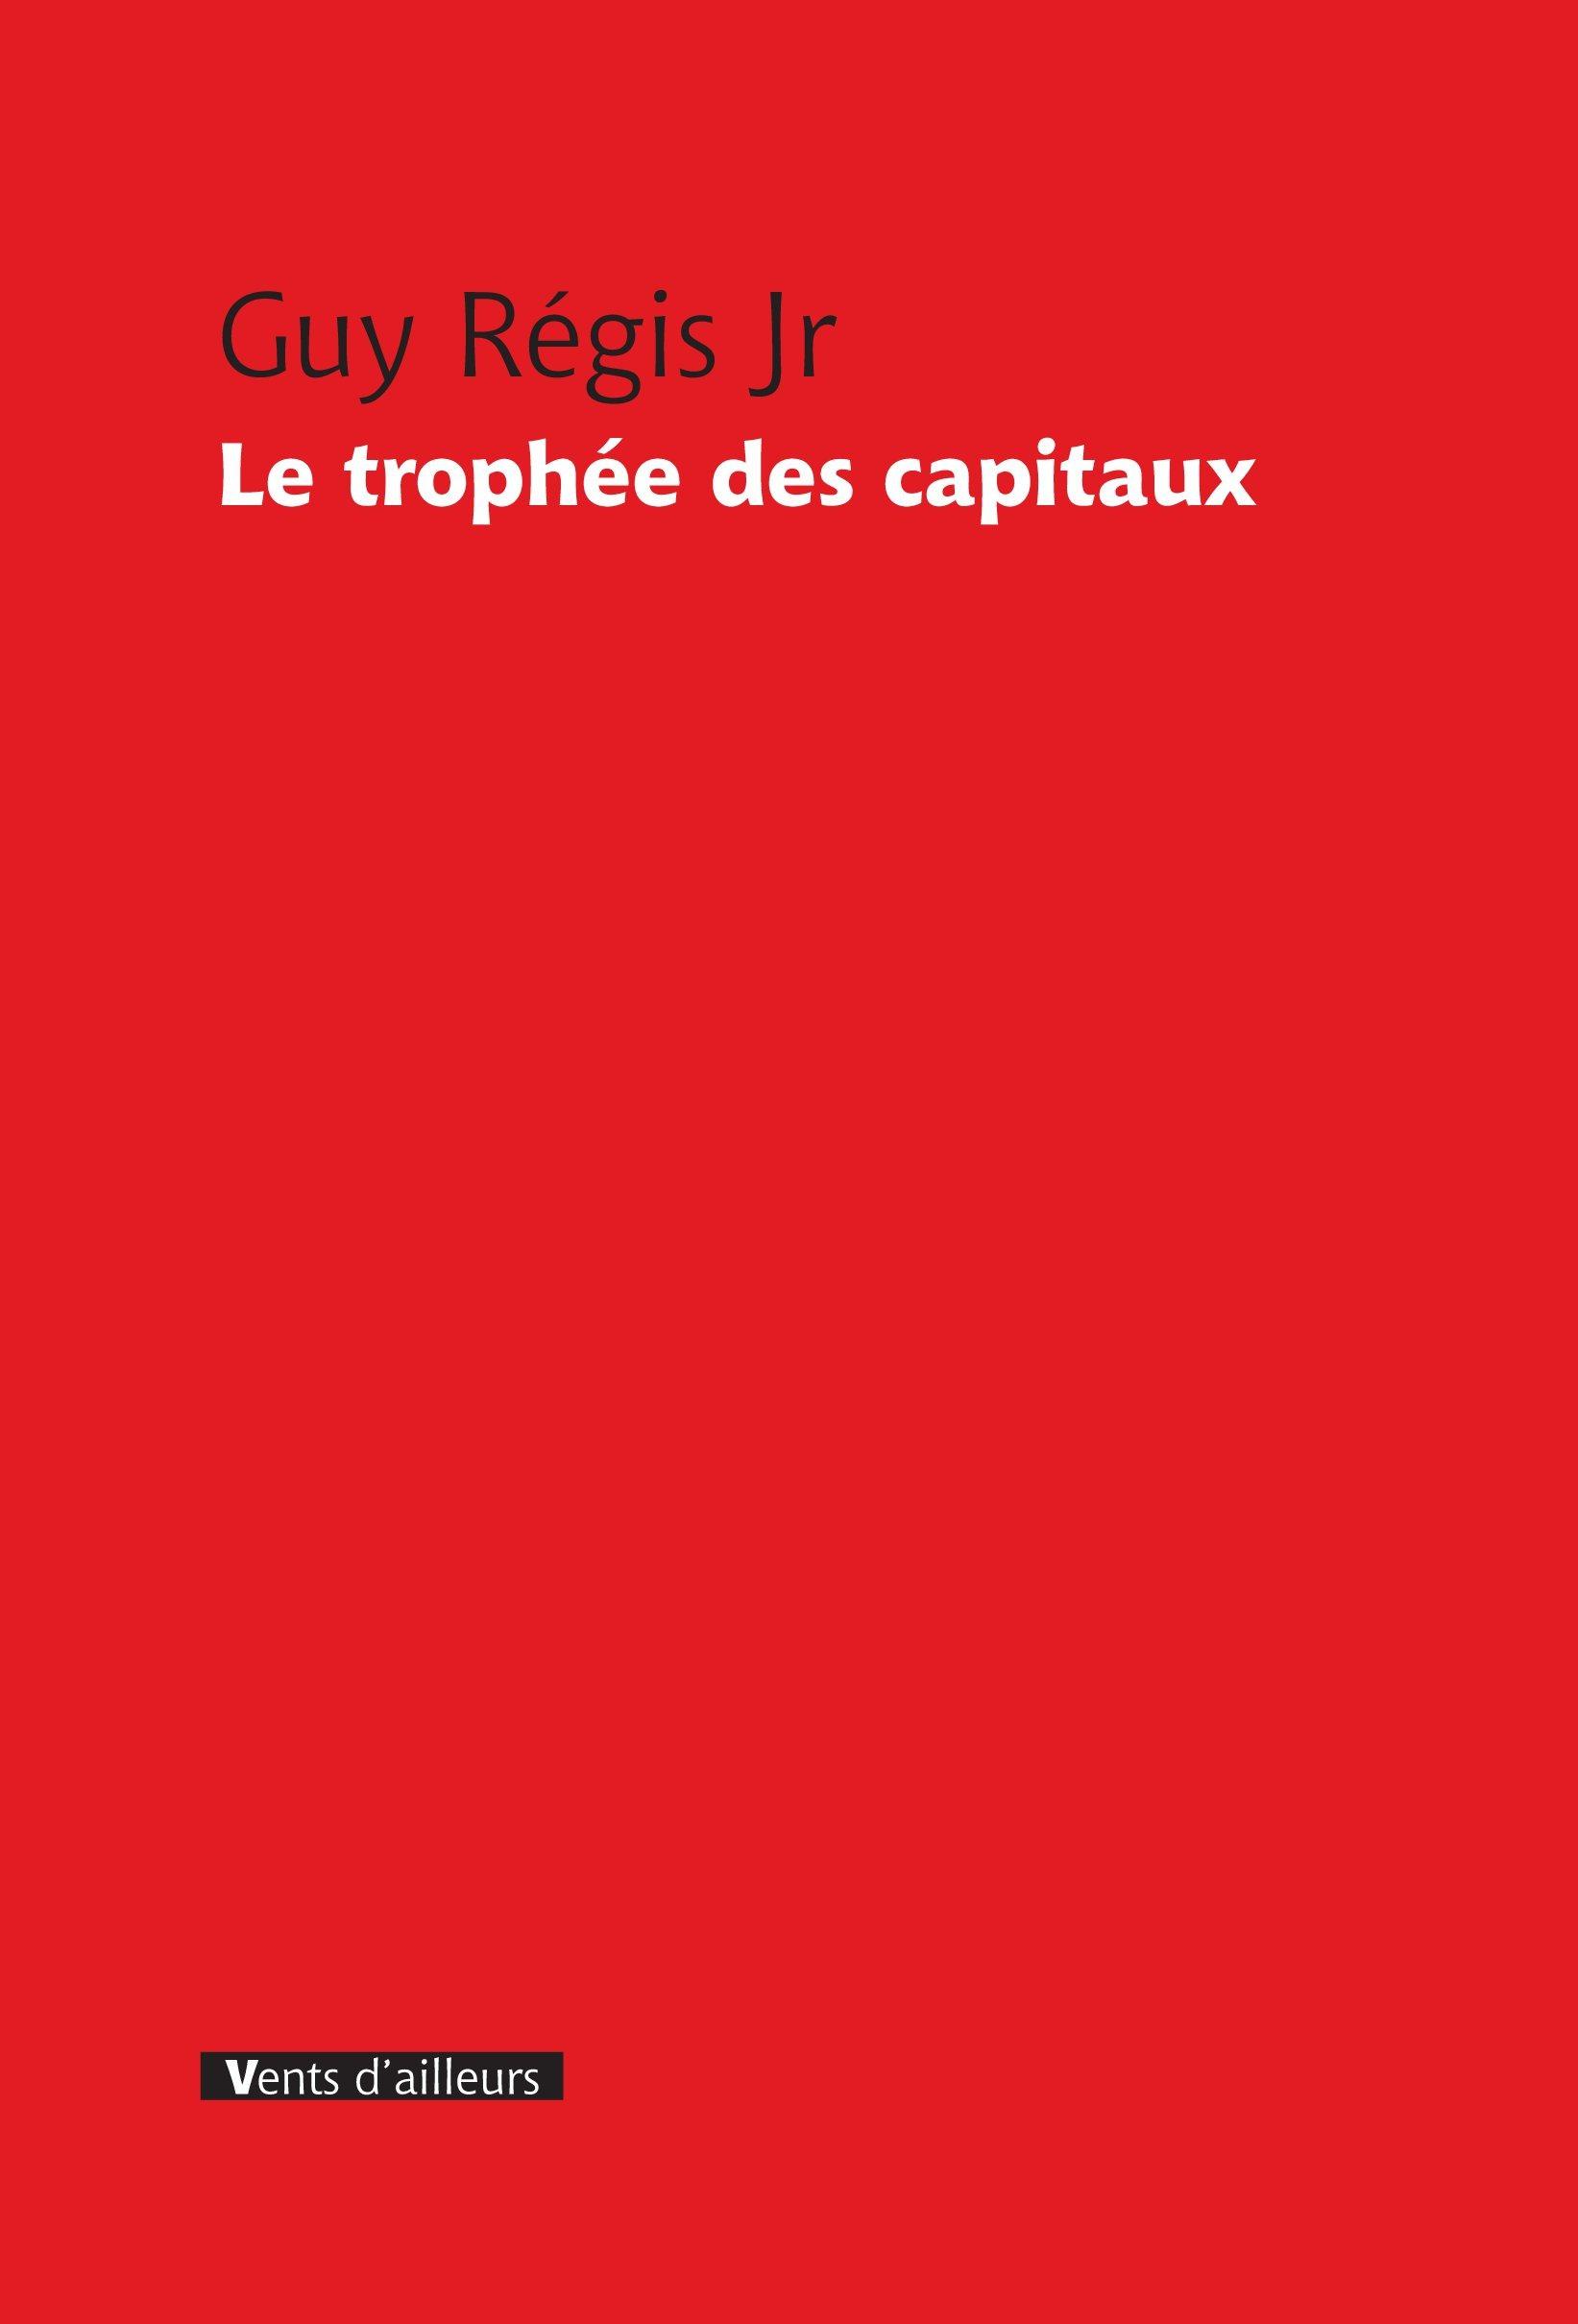 Le Trophée des capitaux